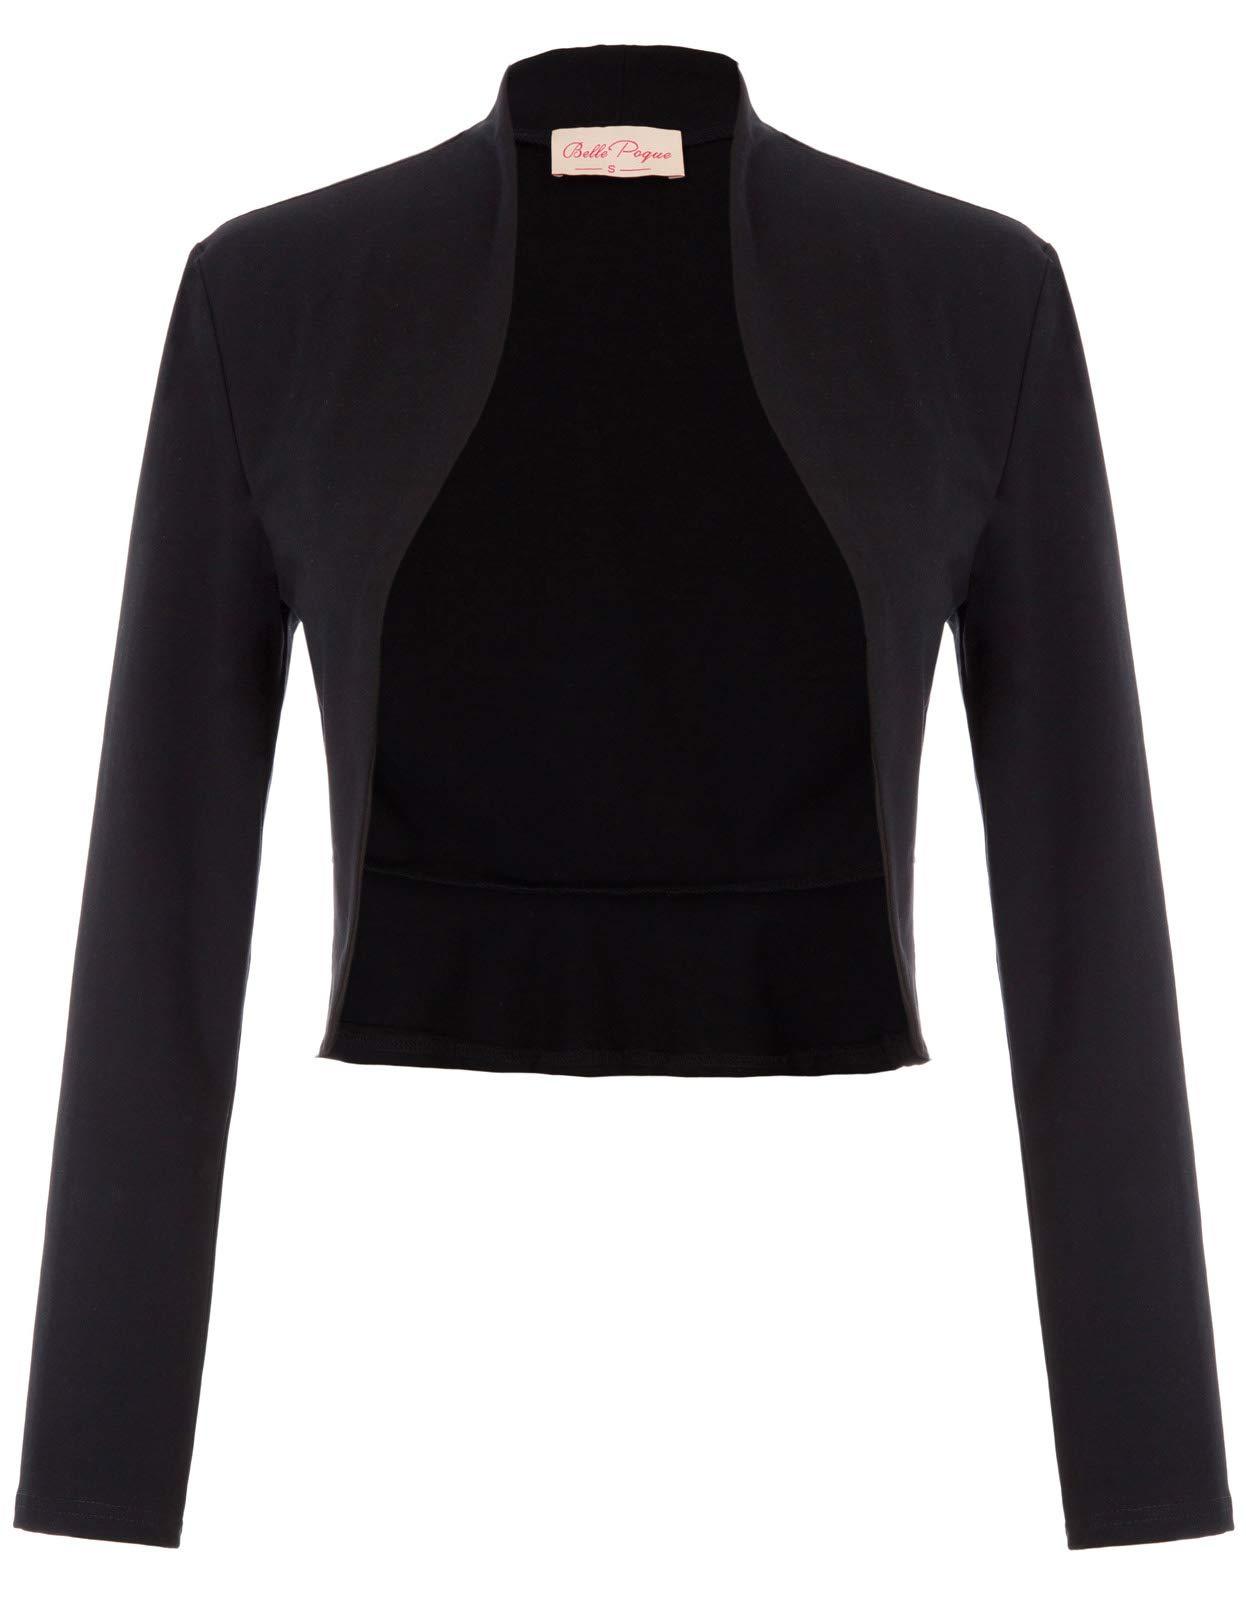 Lady Long Sleeve Cropped Shrug Bolero Cover-up (M,Black 788)